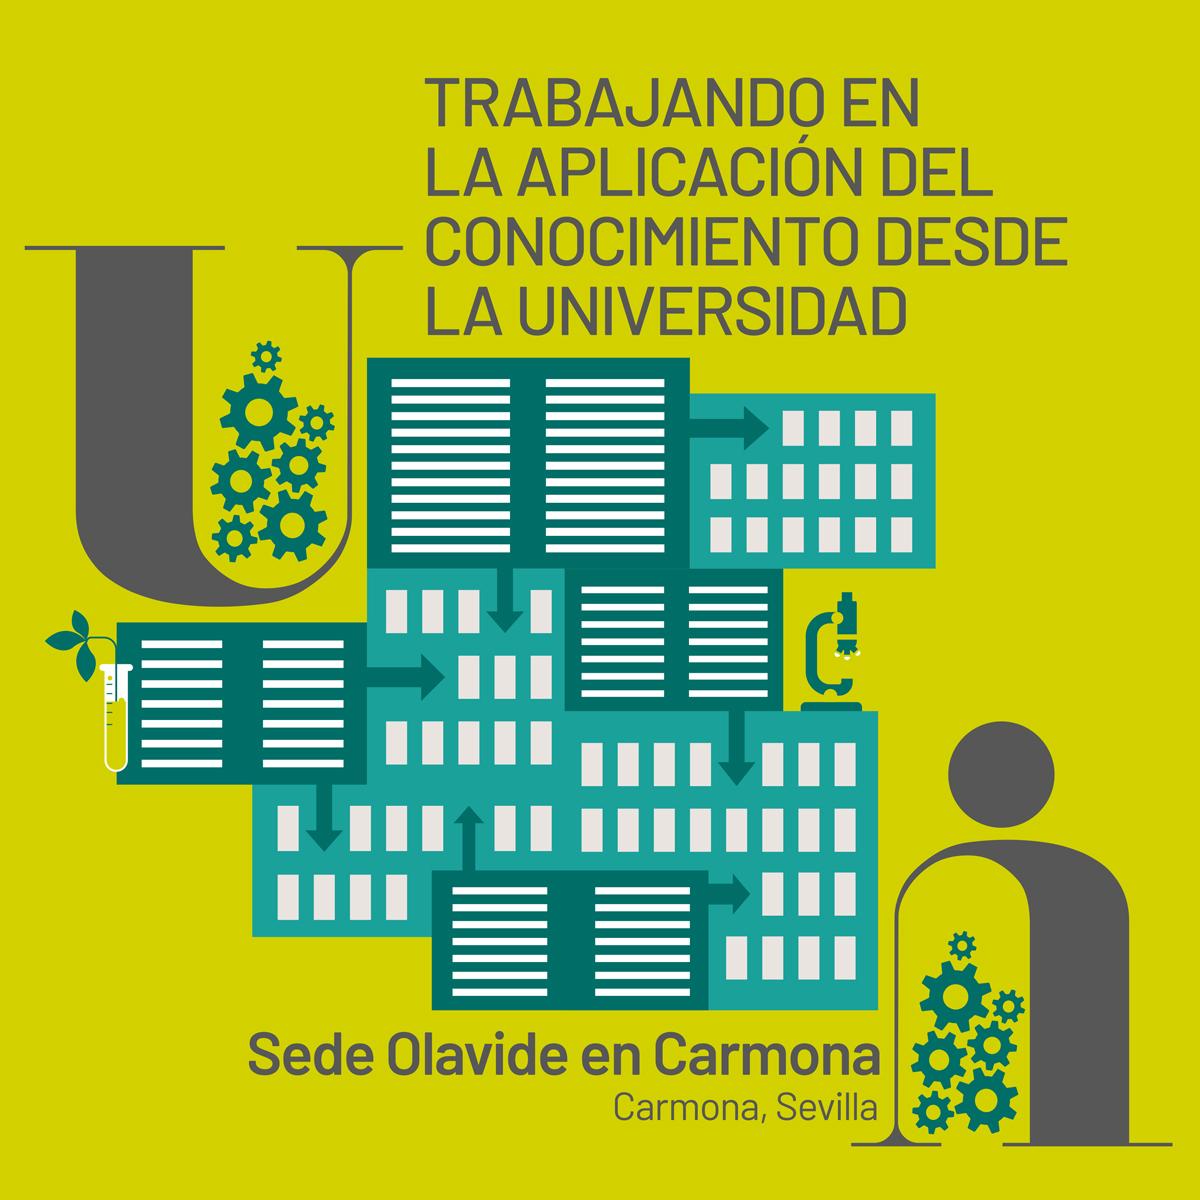 Diseño de imagen de Congreso OTRI-UPO